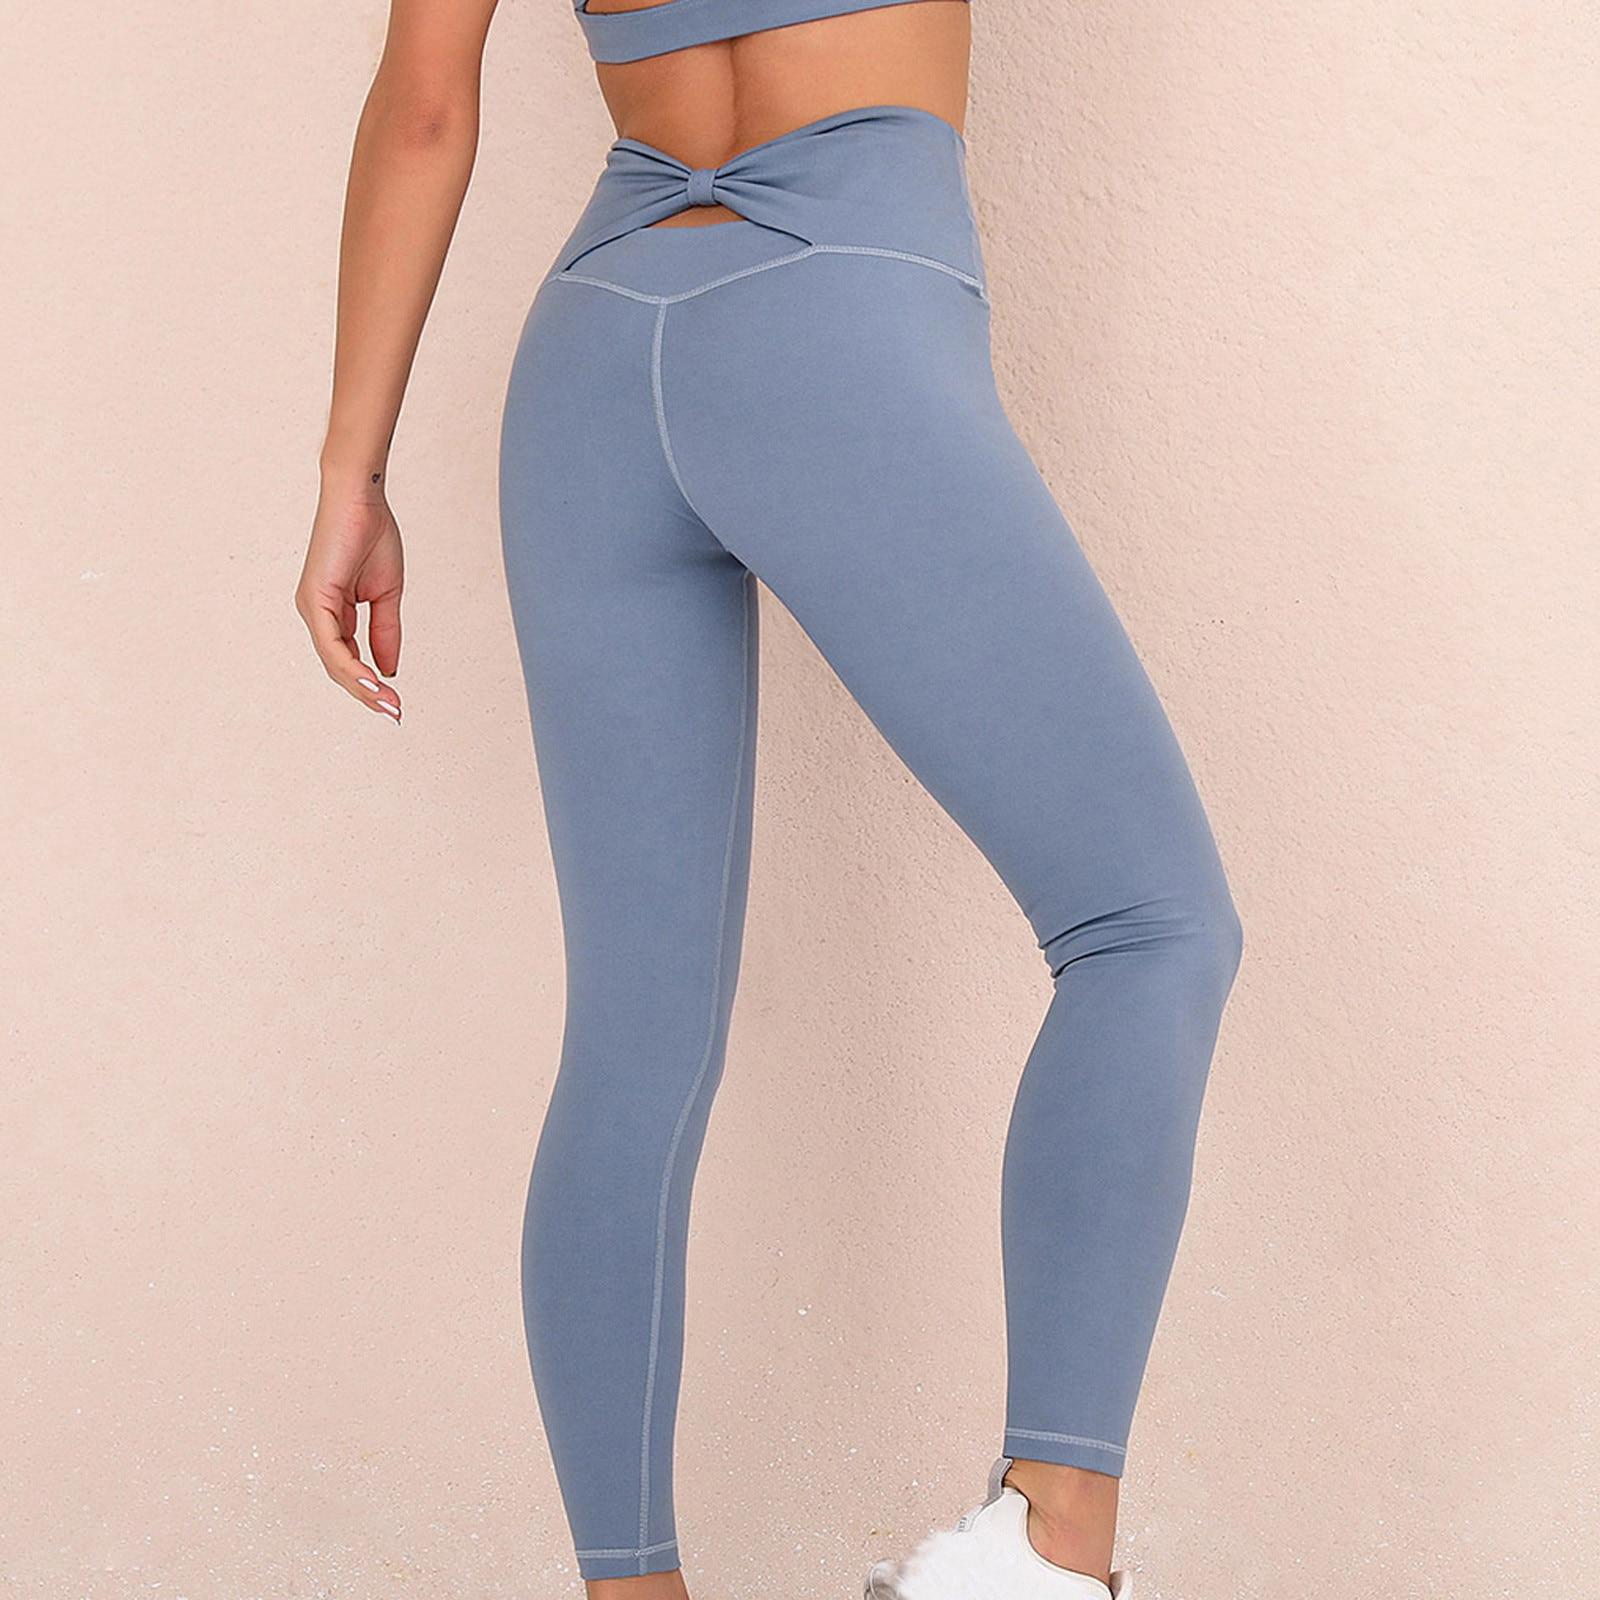 Pantalones de yoga elásticos para correr, mallas con cintura alta, sin costuras,...